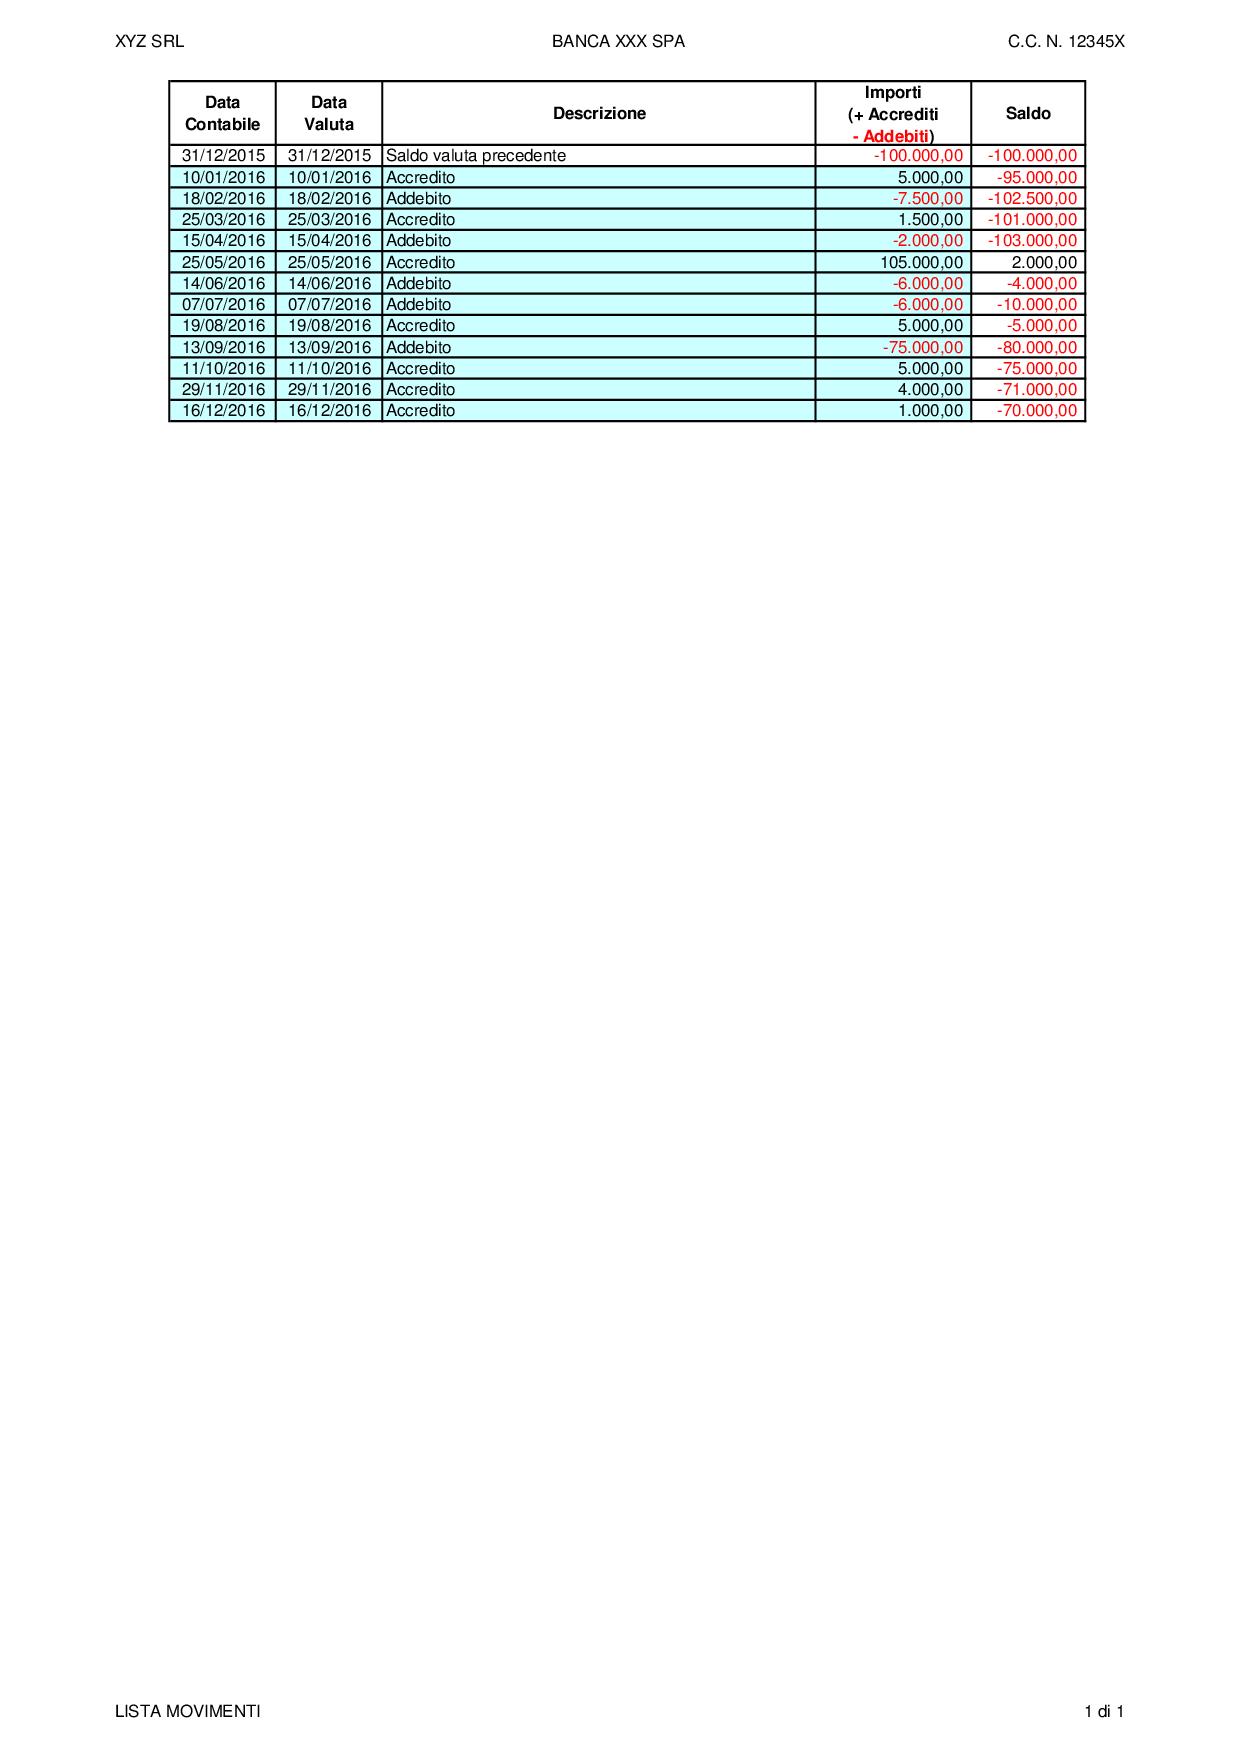 Usura scoperti di c/c analitico 2019: con i tassi soglia al I trimestre 2019 - Immagine 10 / 13